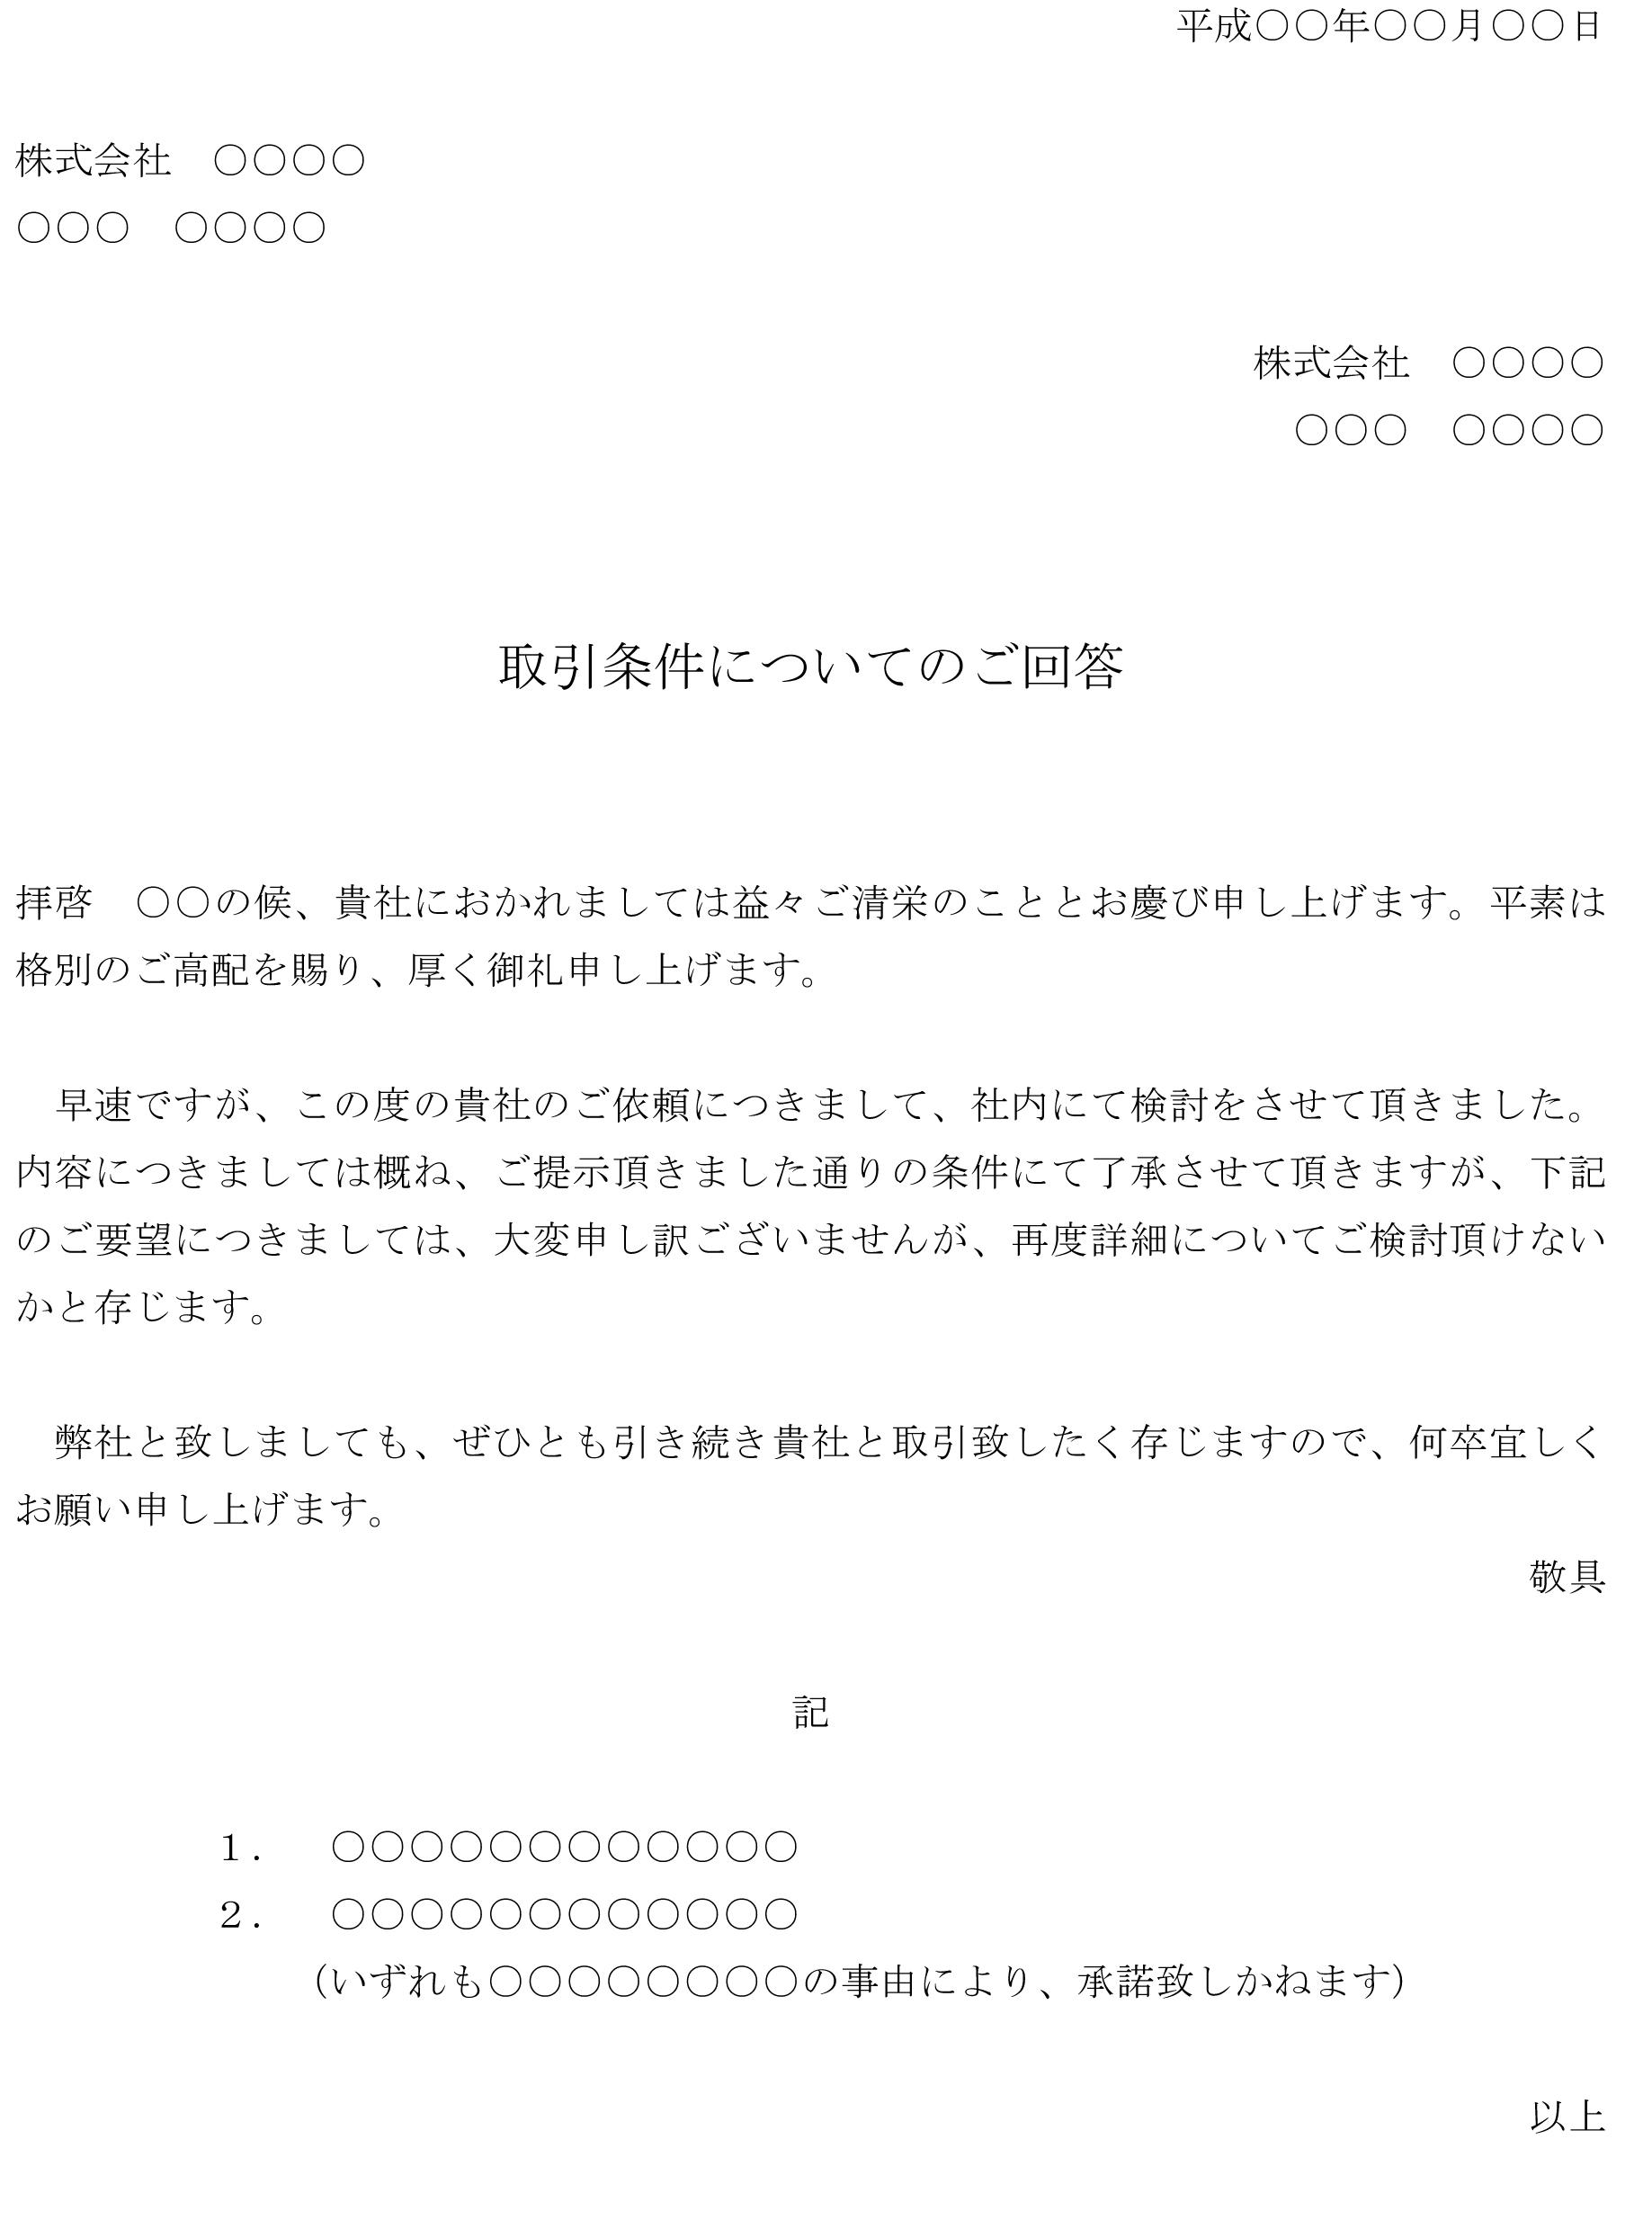 回答書(取引条件の変更依頼についてその一部を承諾)02